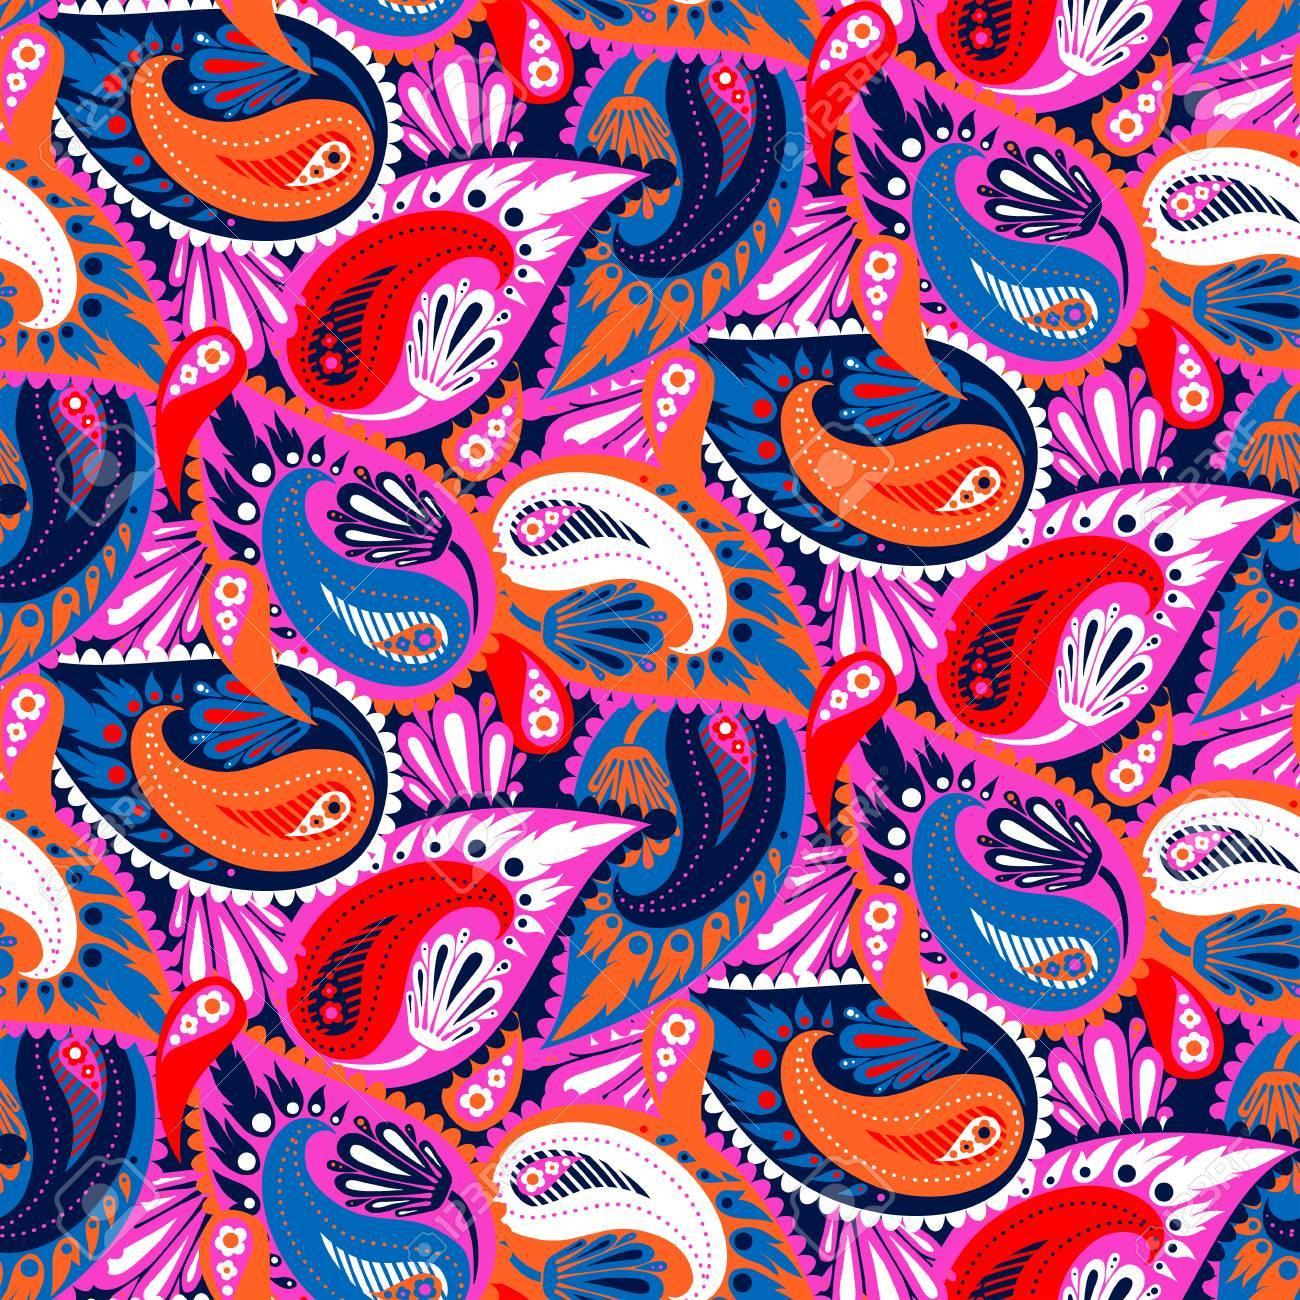 nahtloses muster des bunten paisley vektors bold bohemian print mit ethnischen indischen trkischen - Boho Muster